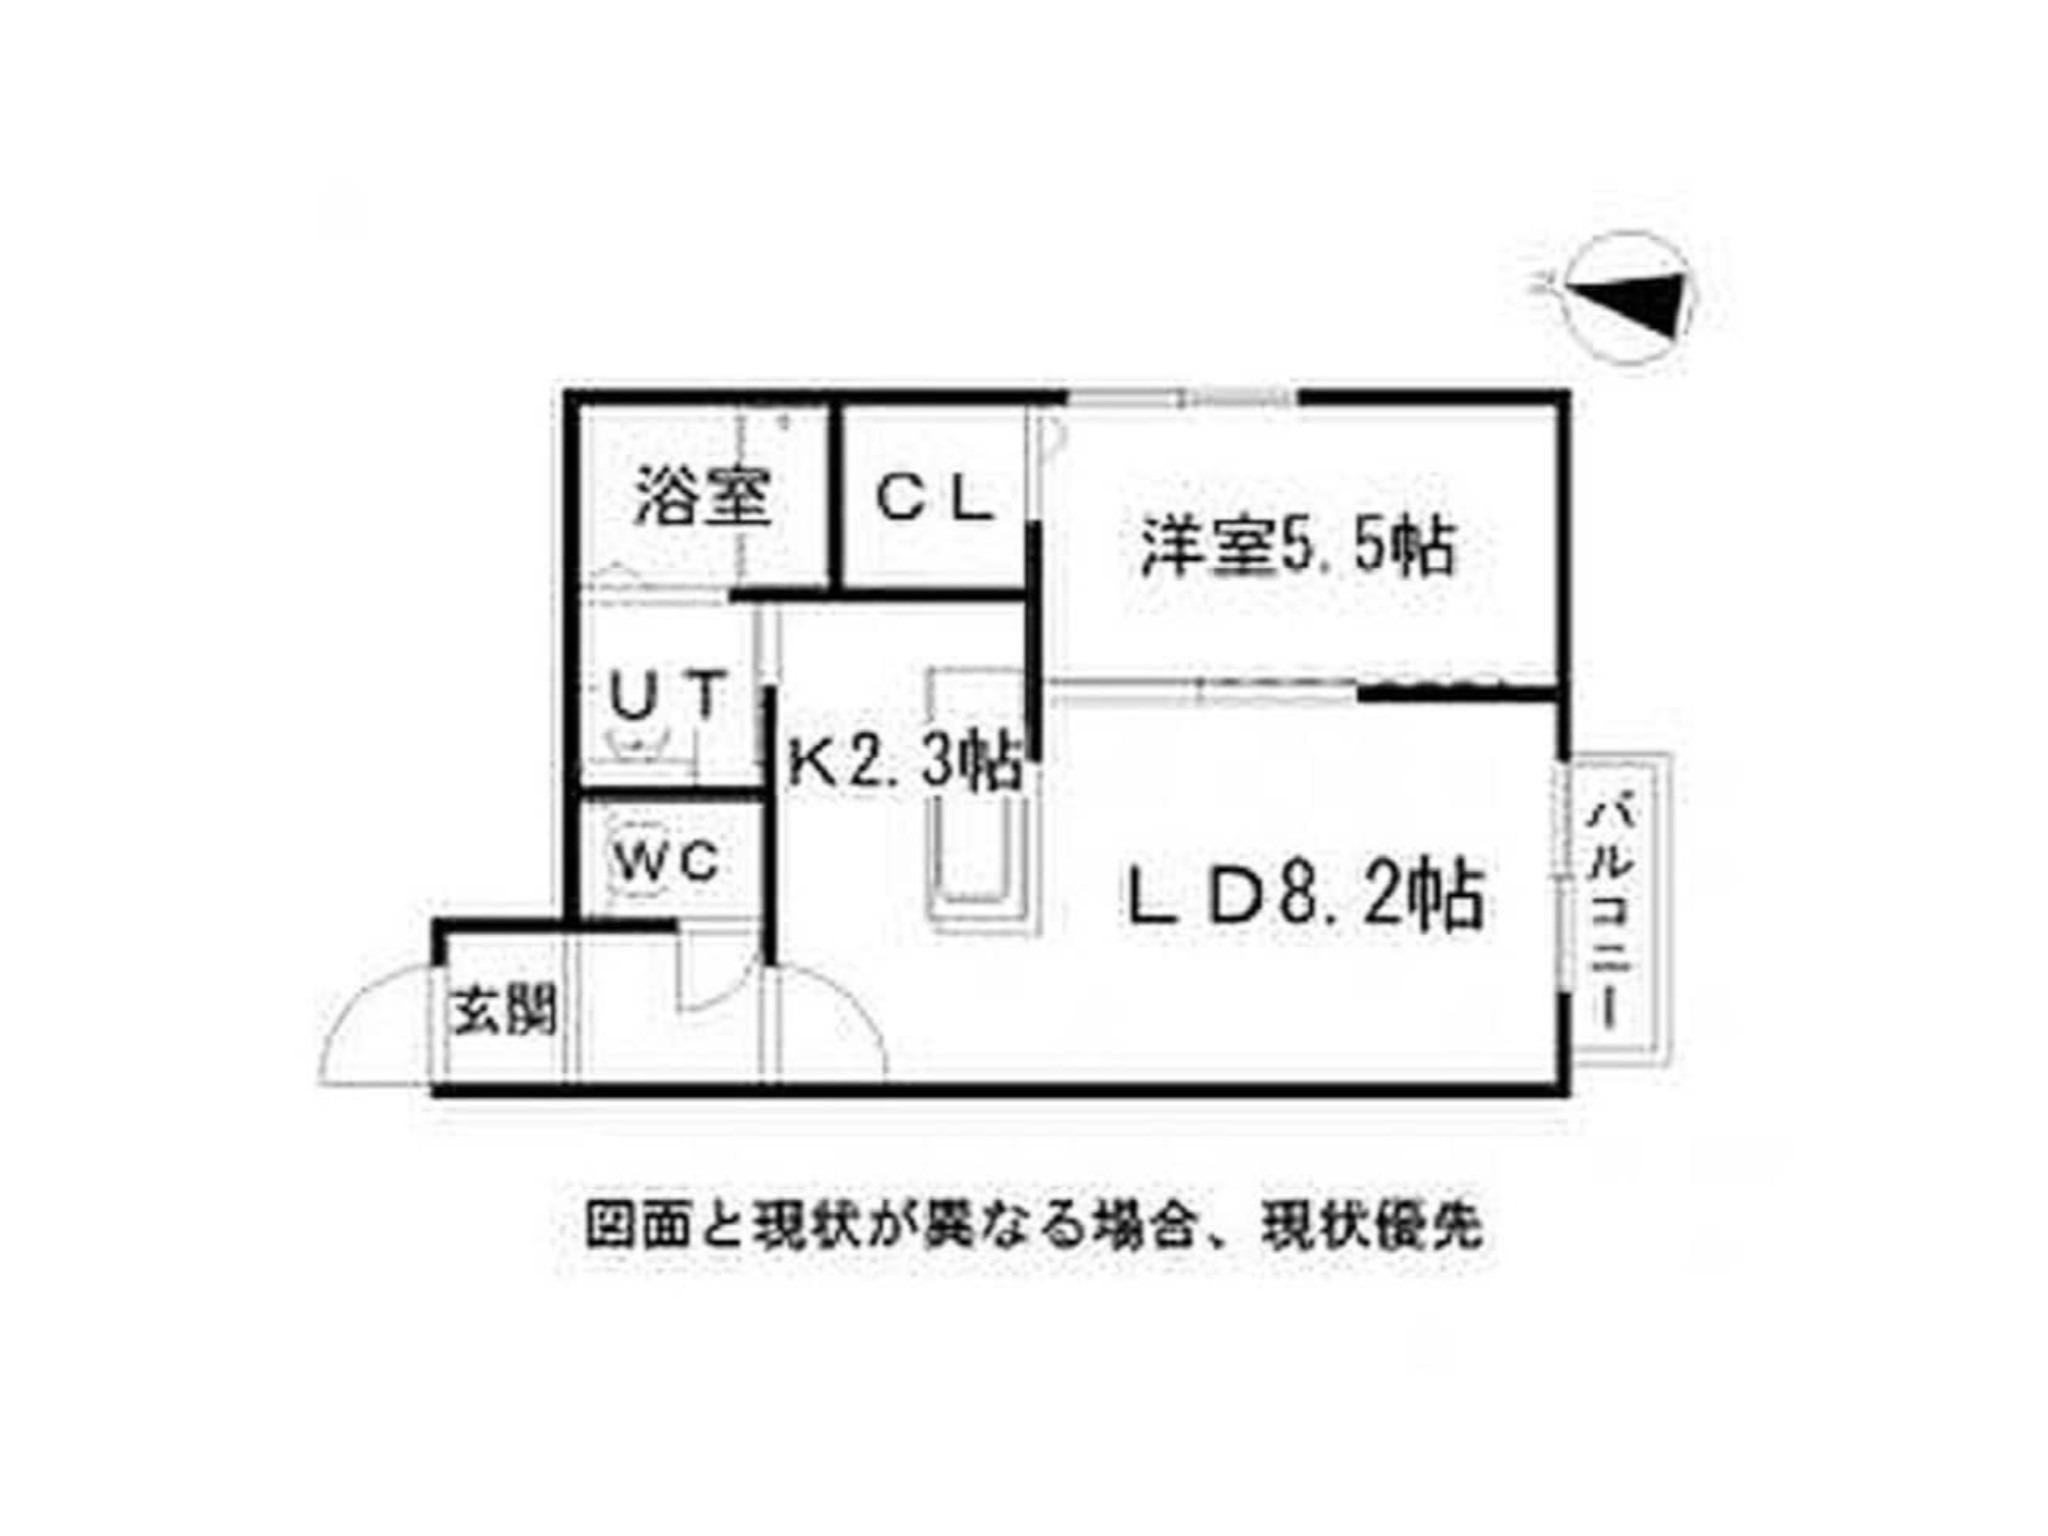 札幌駅まで徒歩8分の 都心型デザインマンション♪38m2 美室! 北海道スタイル☆(501)